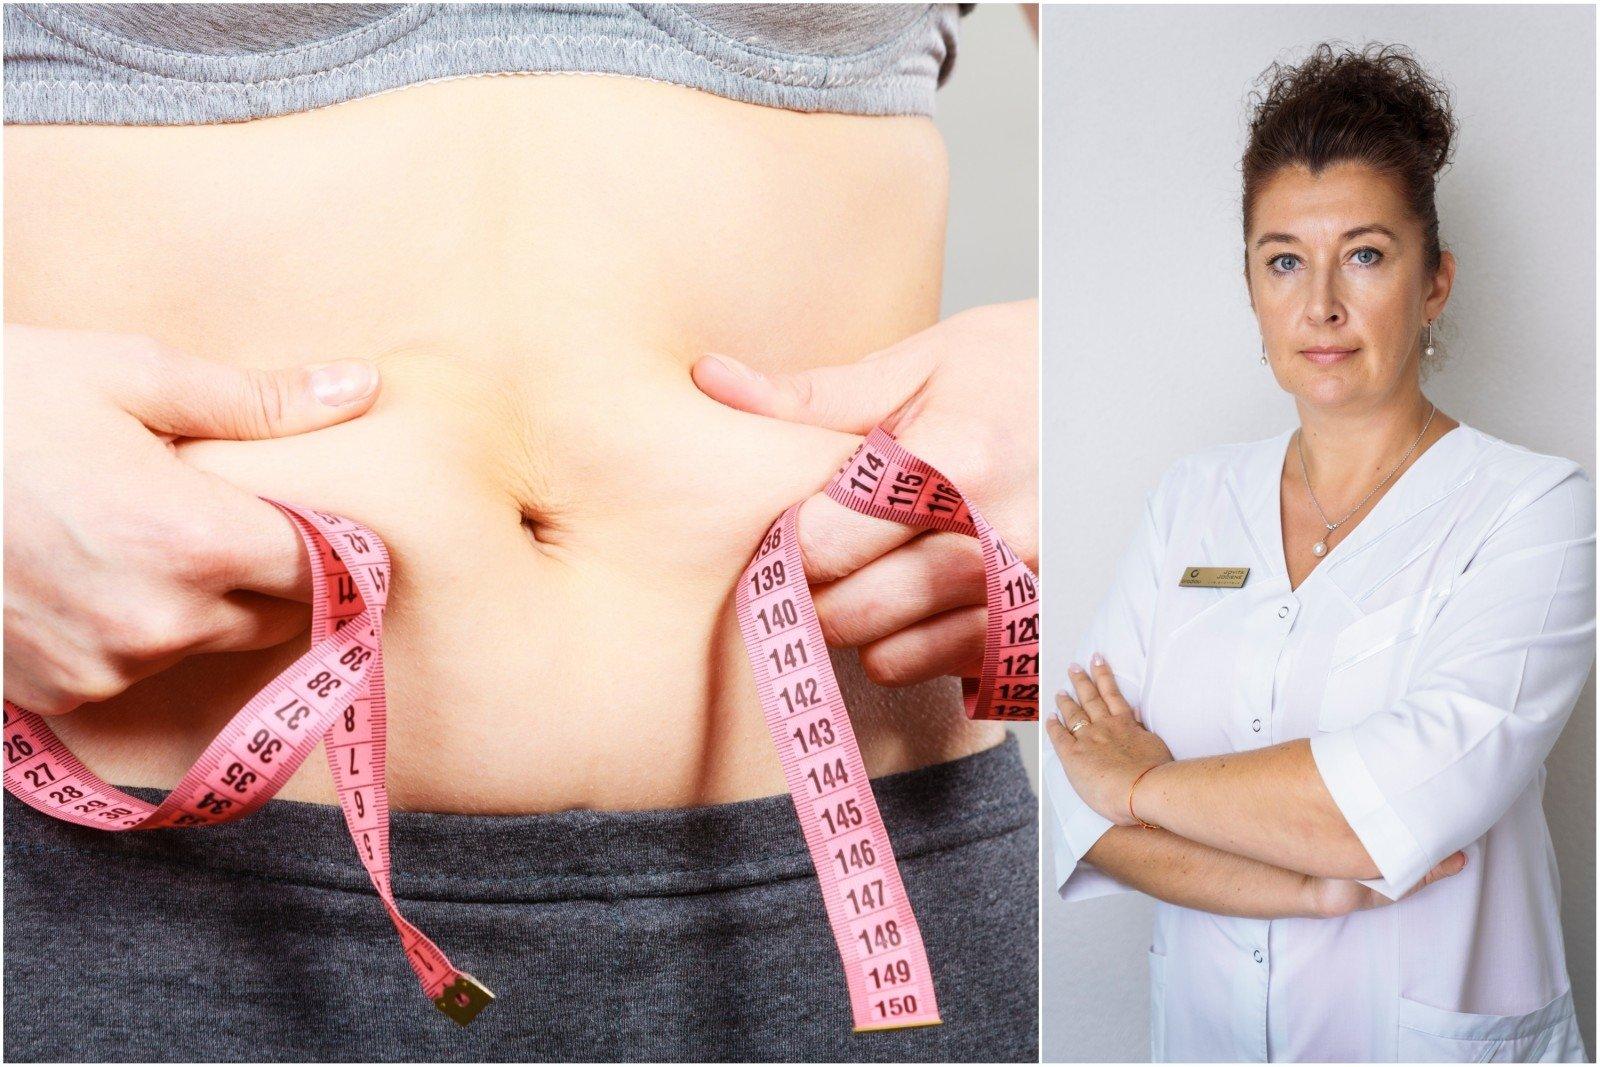 svorio netekimas alzhaimerio visuomenėje